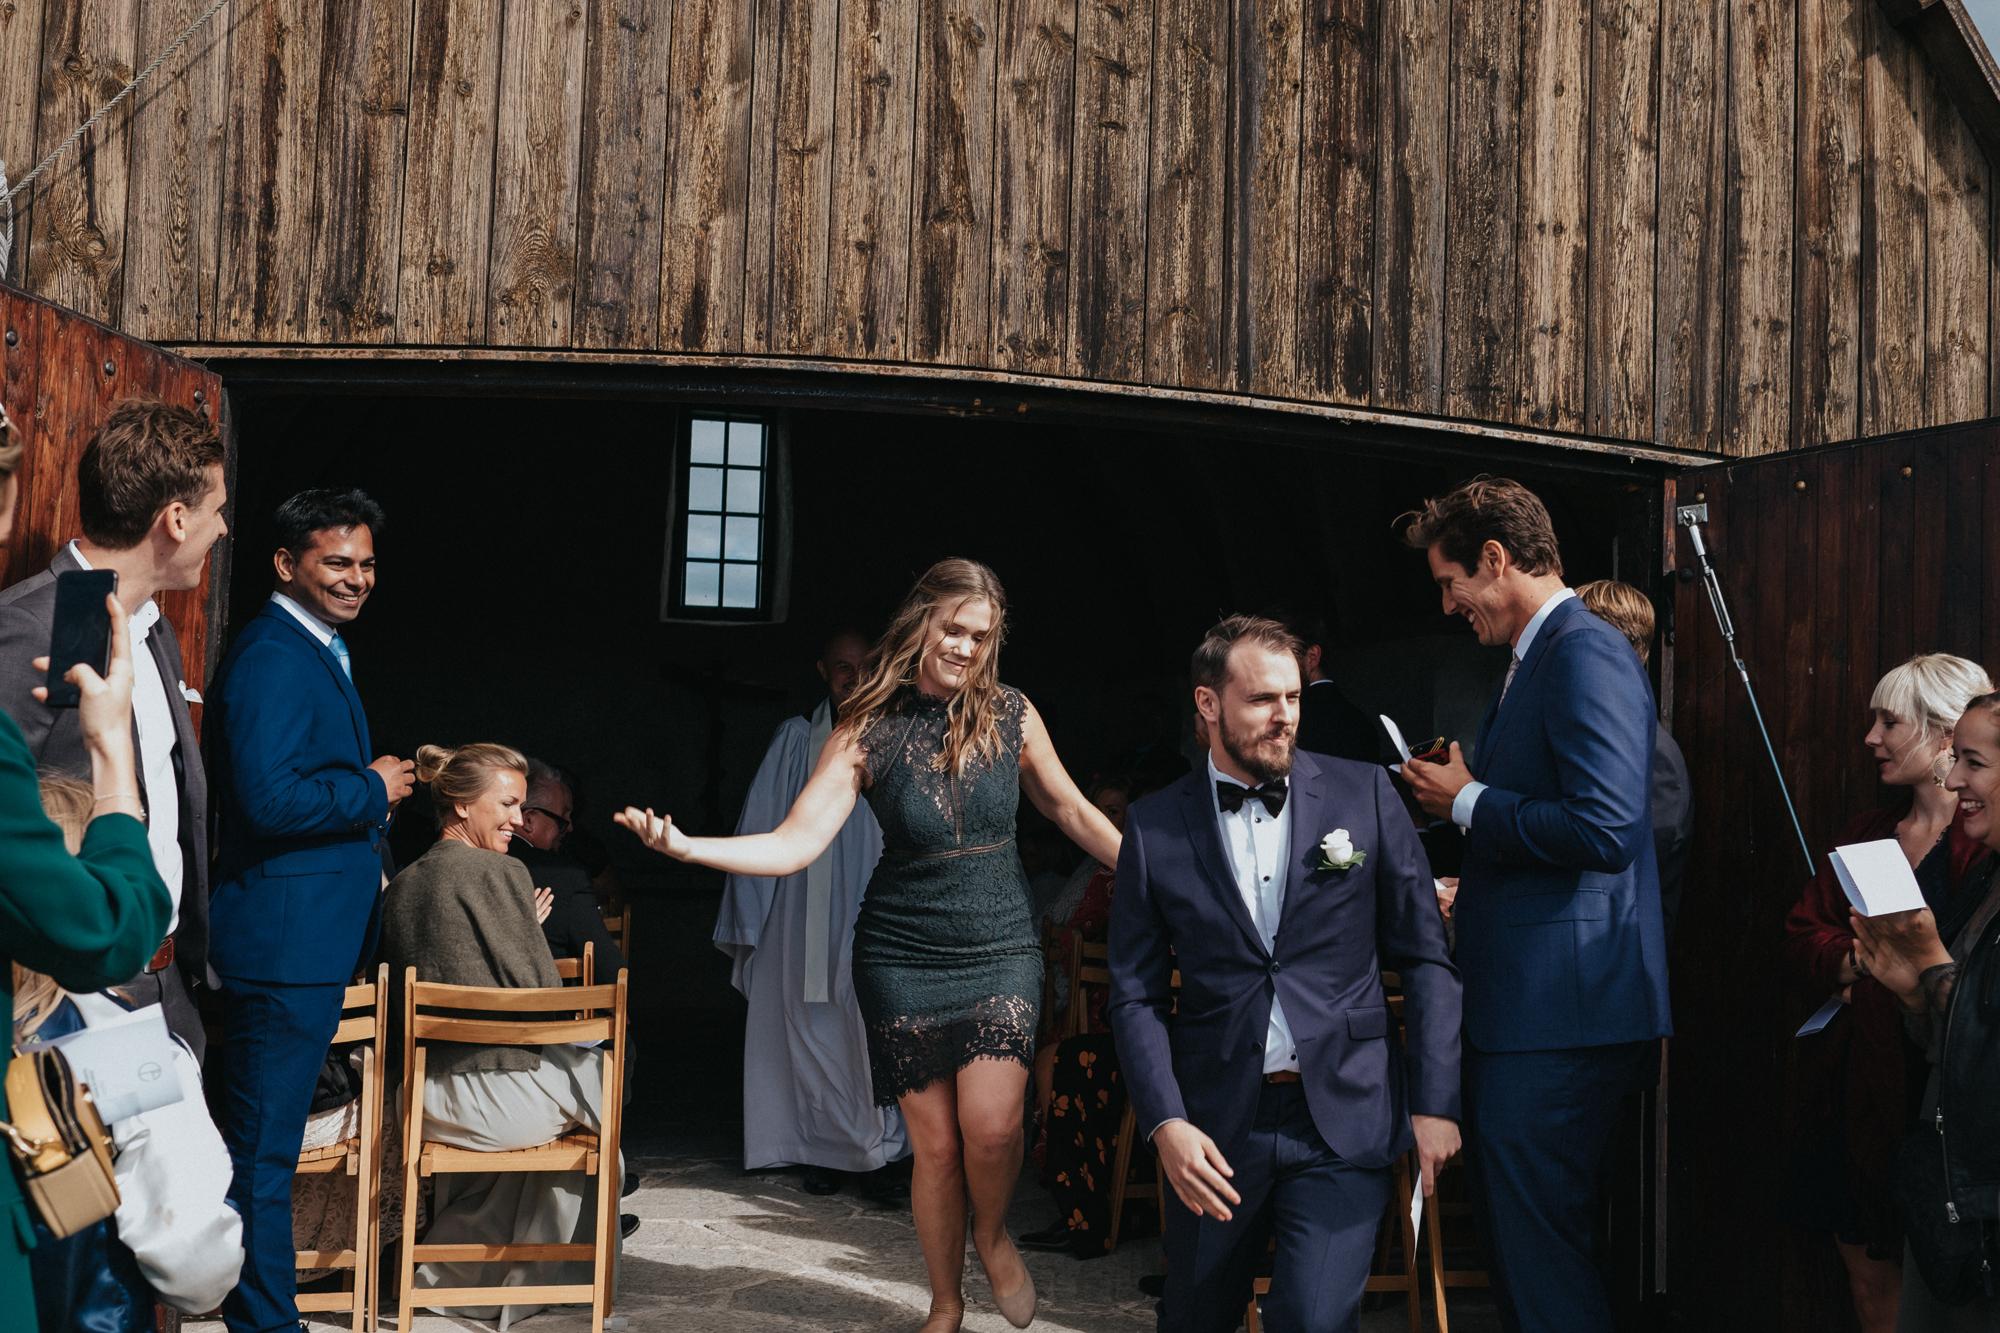 020-bröllopsfotograf-gotland-neas-fotografi.jpg